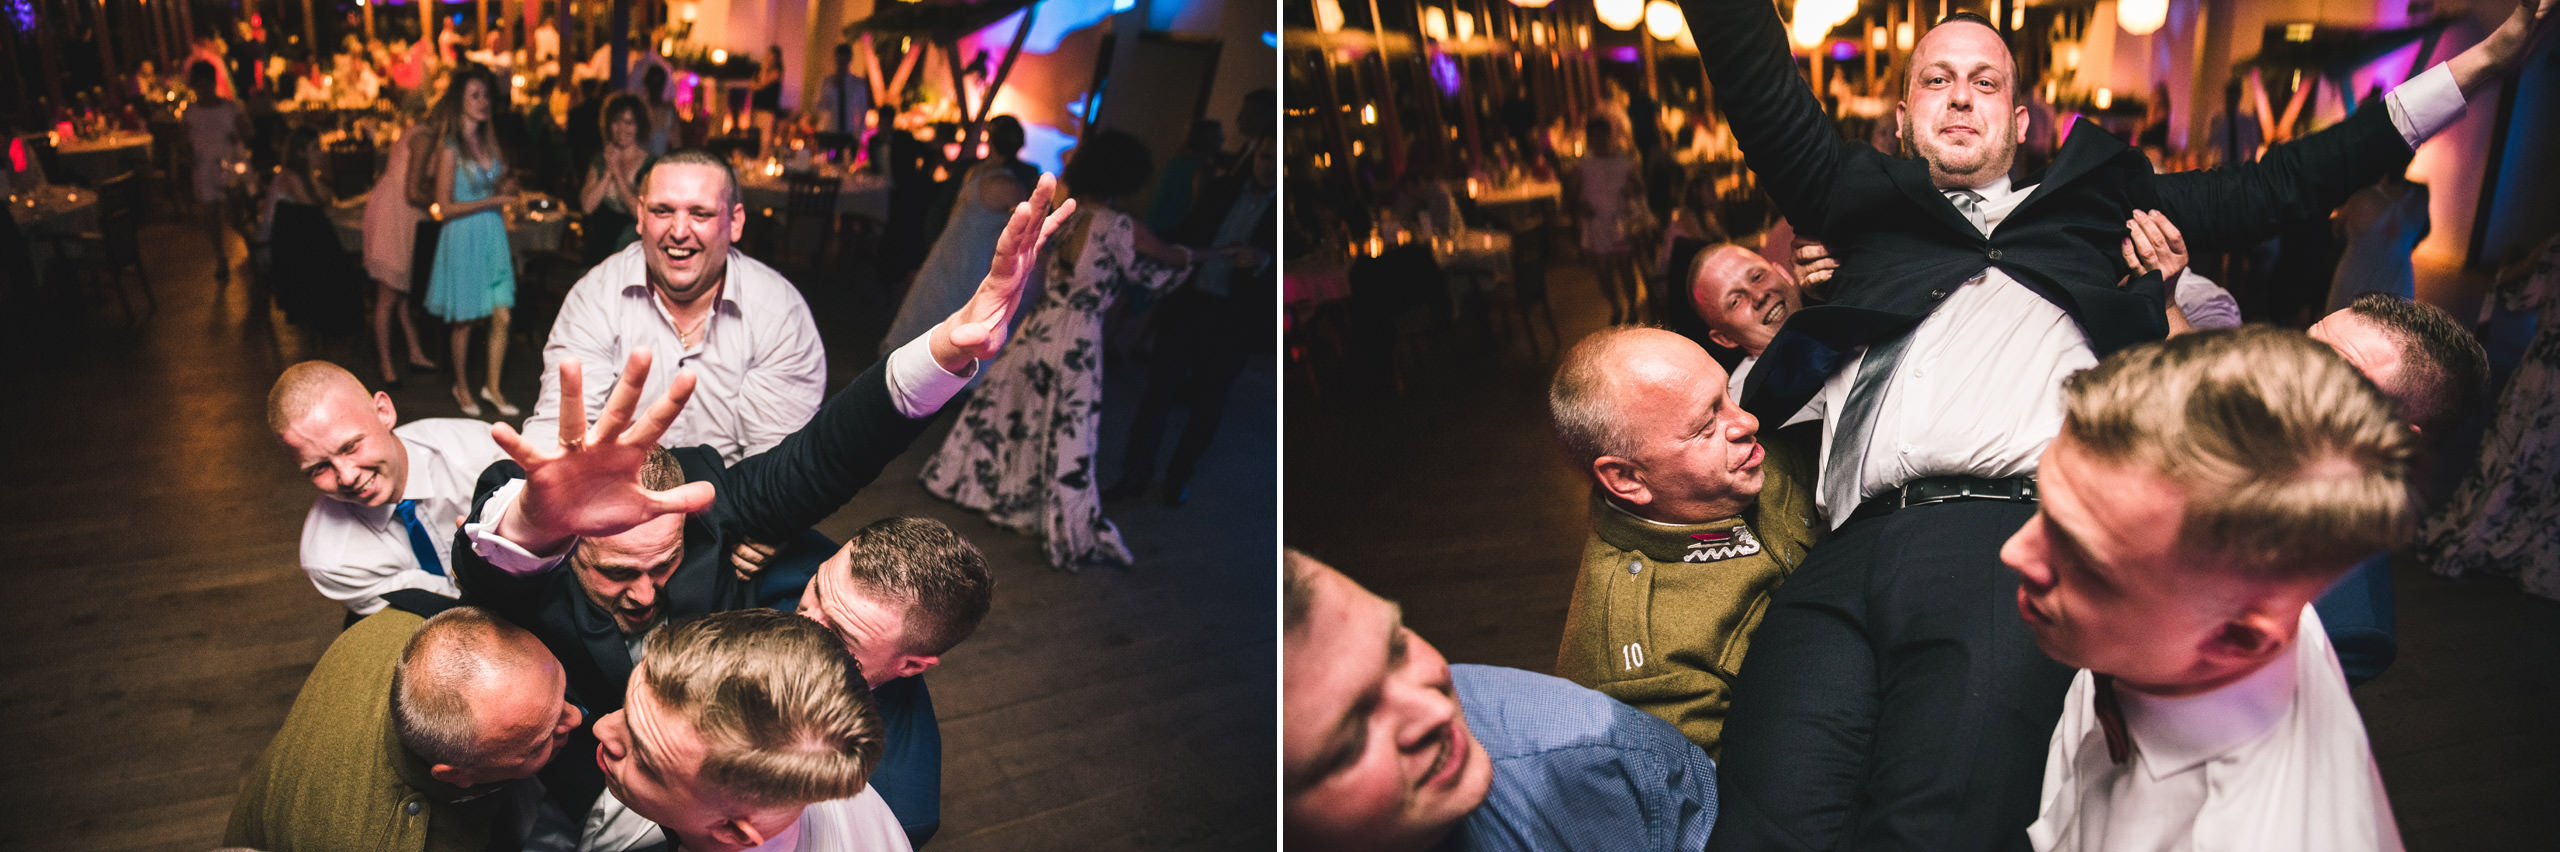 fotograf slubny warszawa 069 zacisze anny korcz wesele